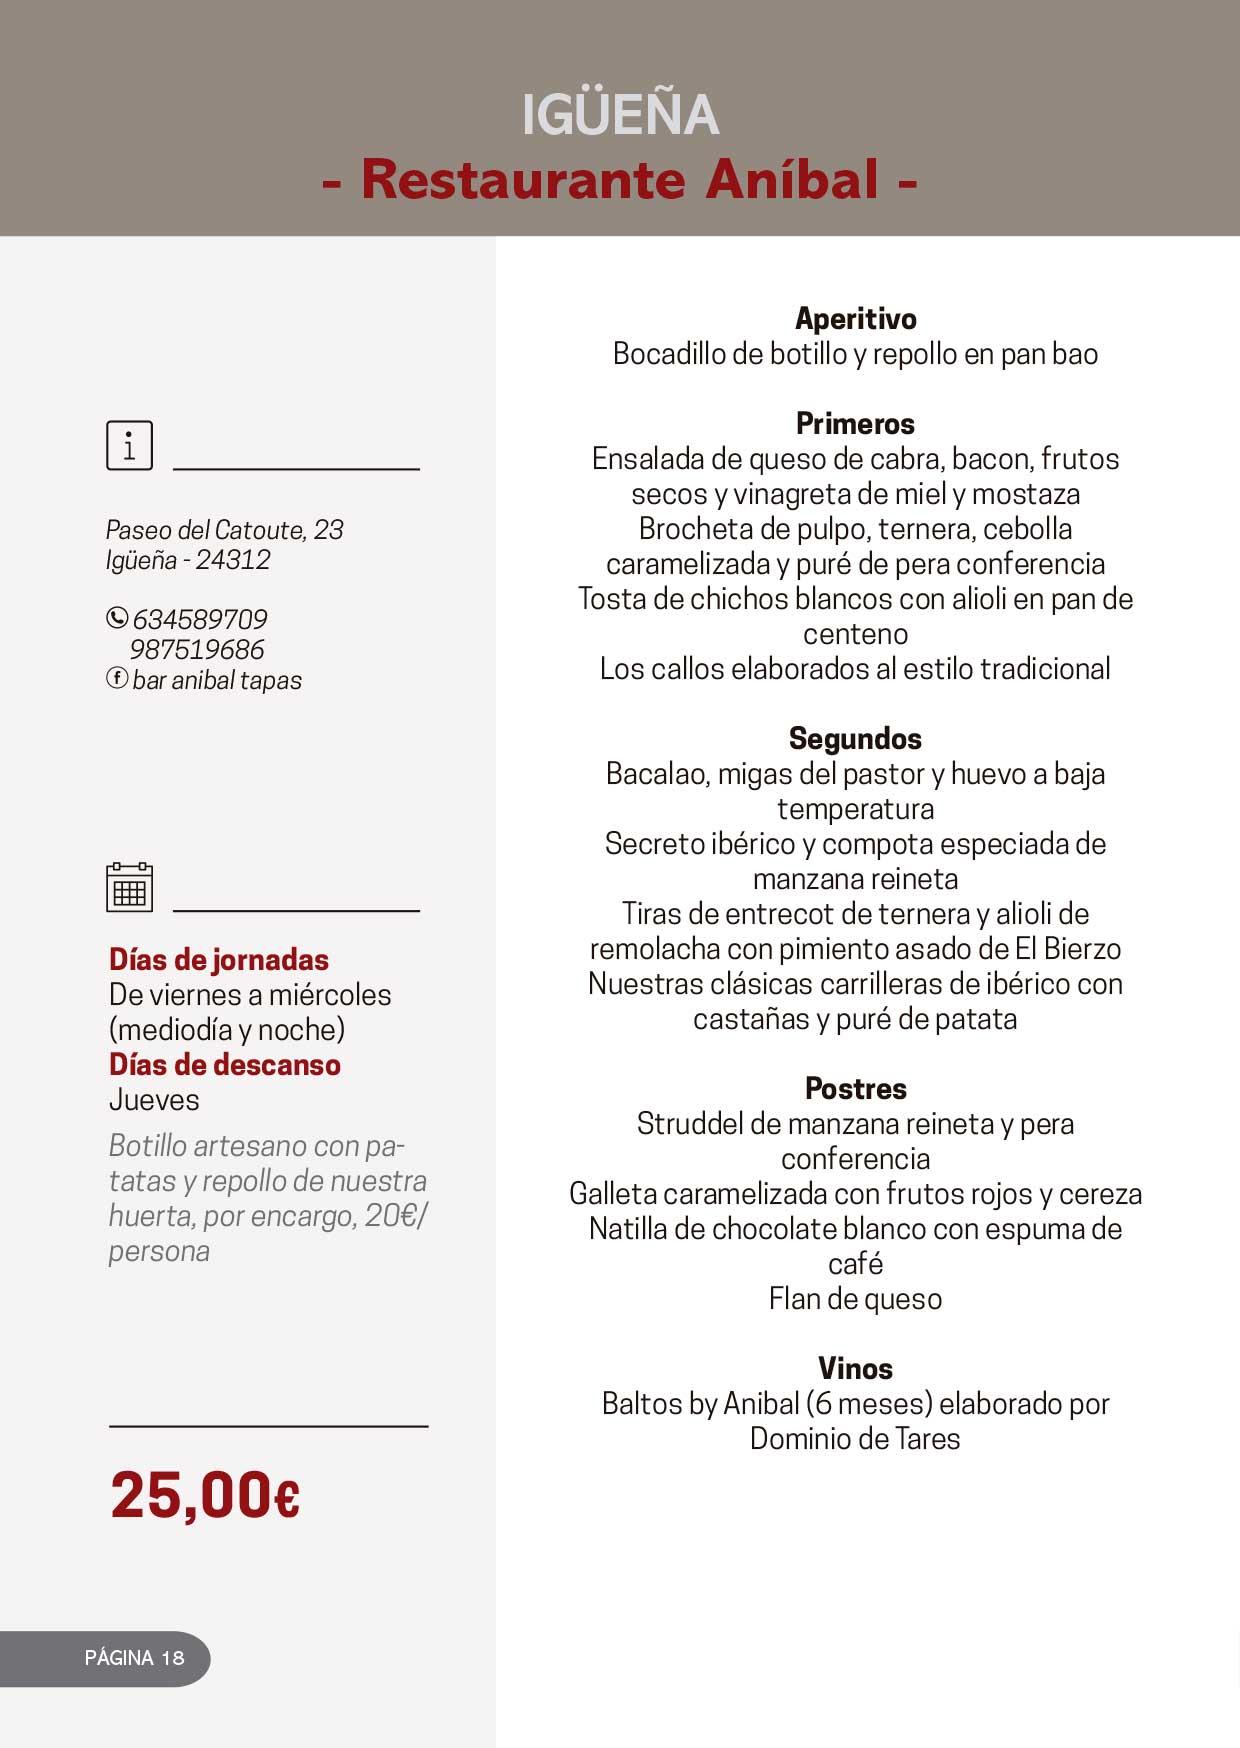 Las Jornadas Gastronómicas del Bierzo llegan a su 34 edición 8